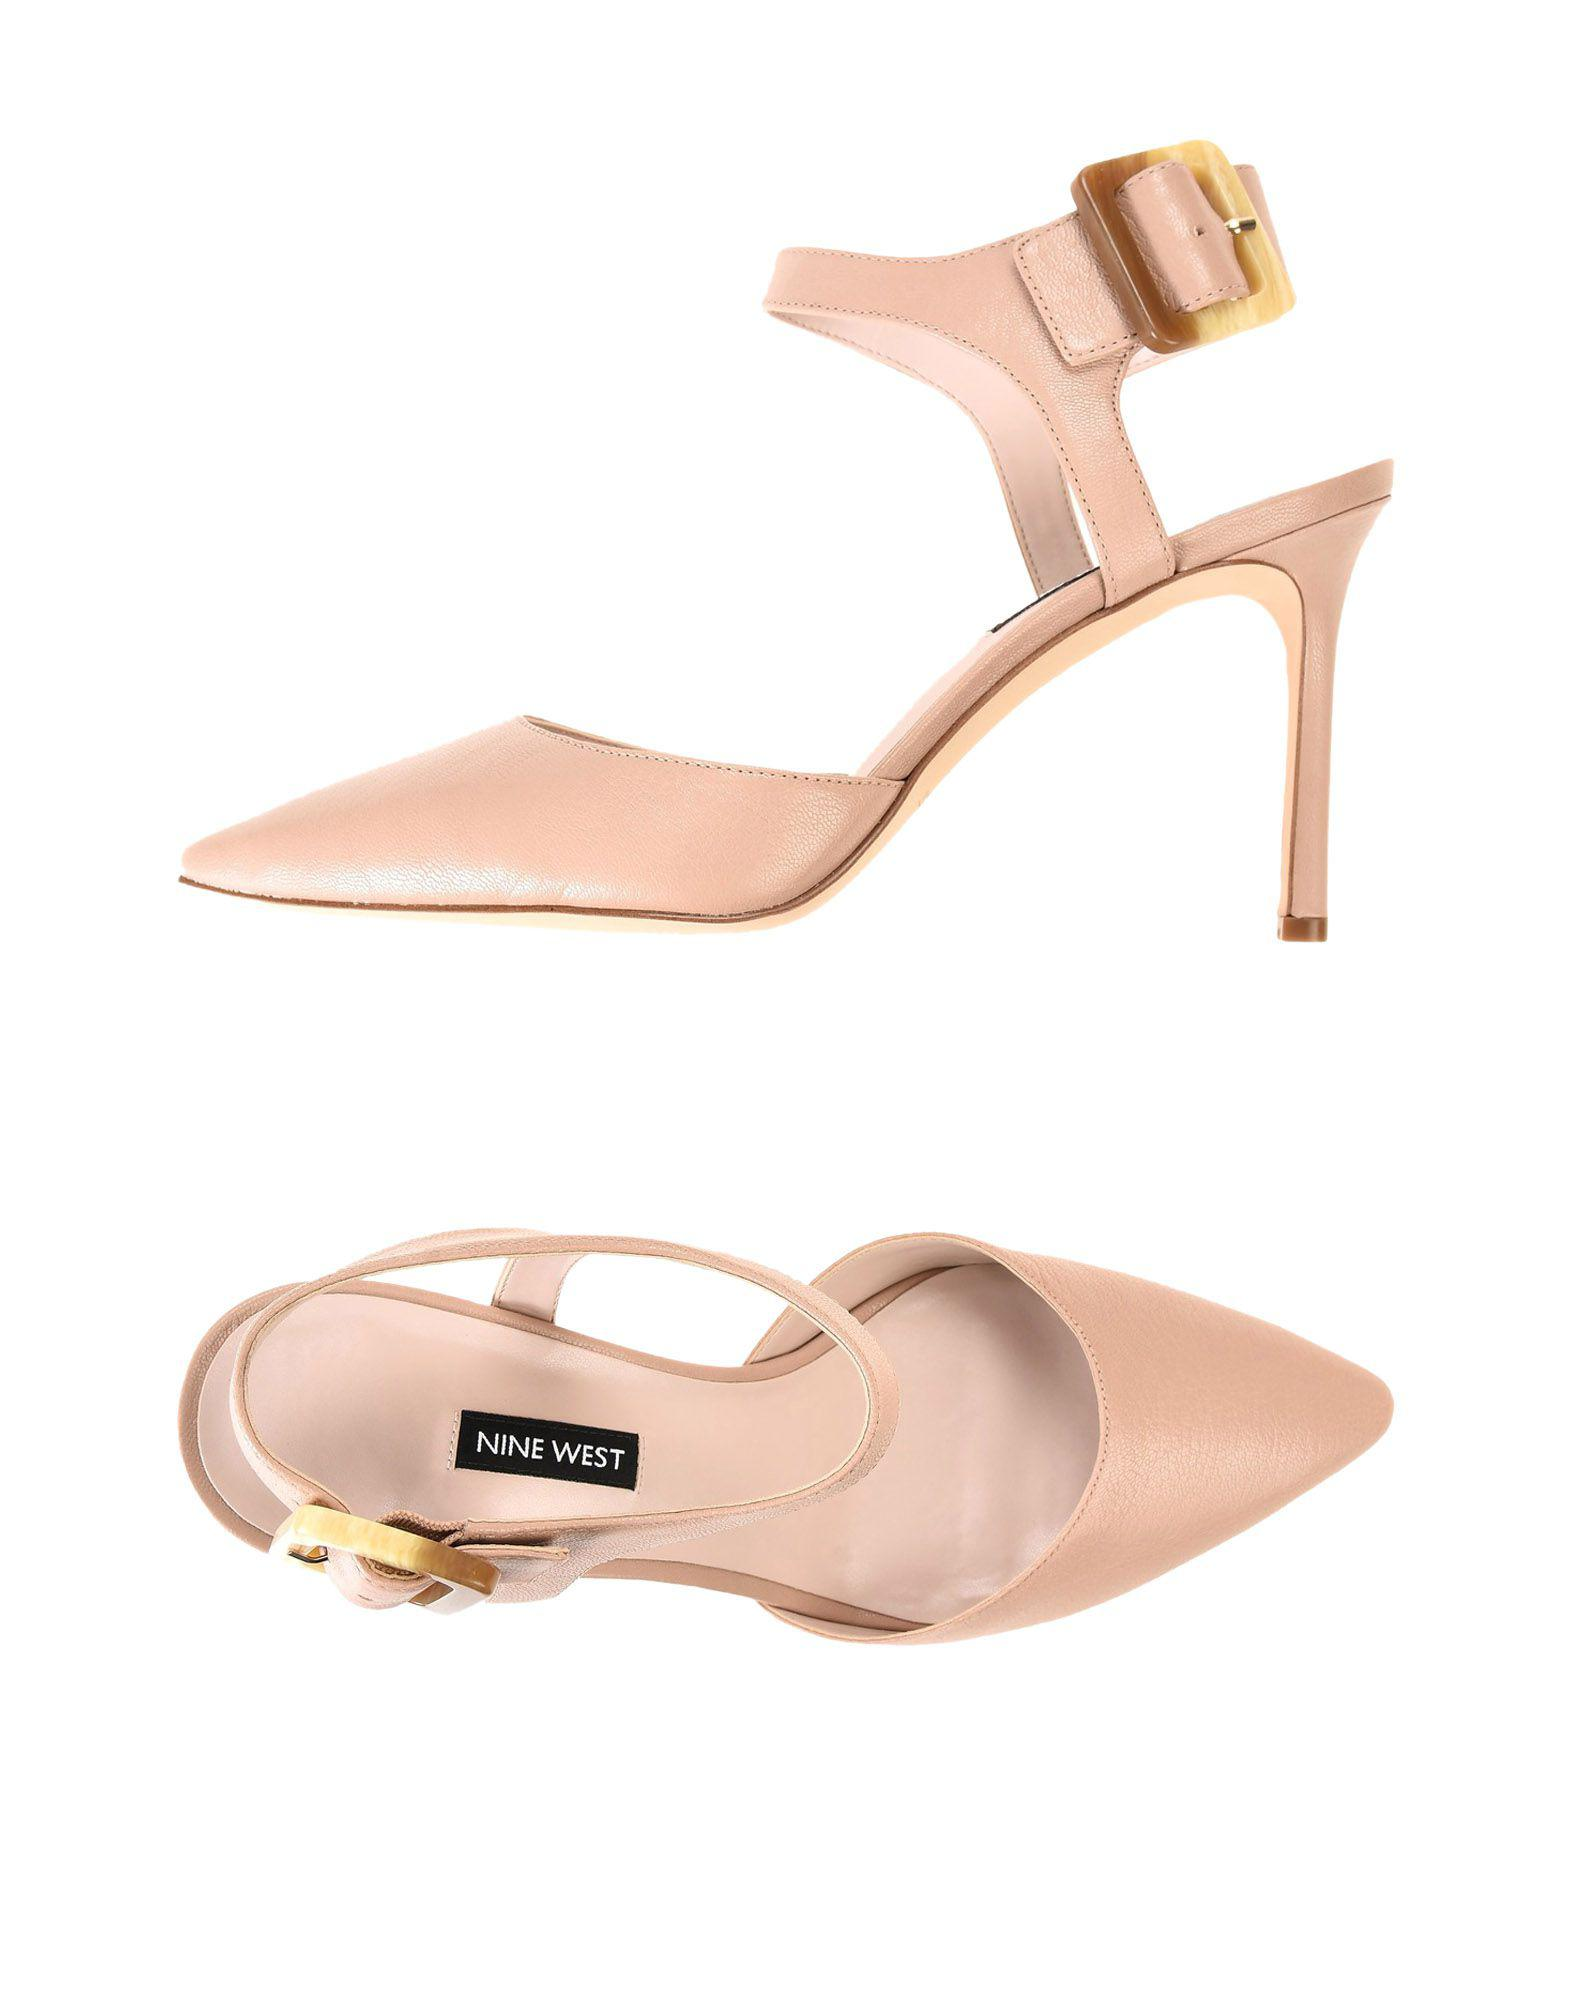 cae7d367696 Lyst - Zapatos de salón Nine West de color Rosa